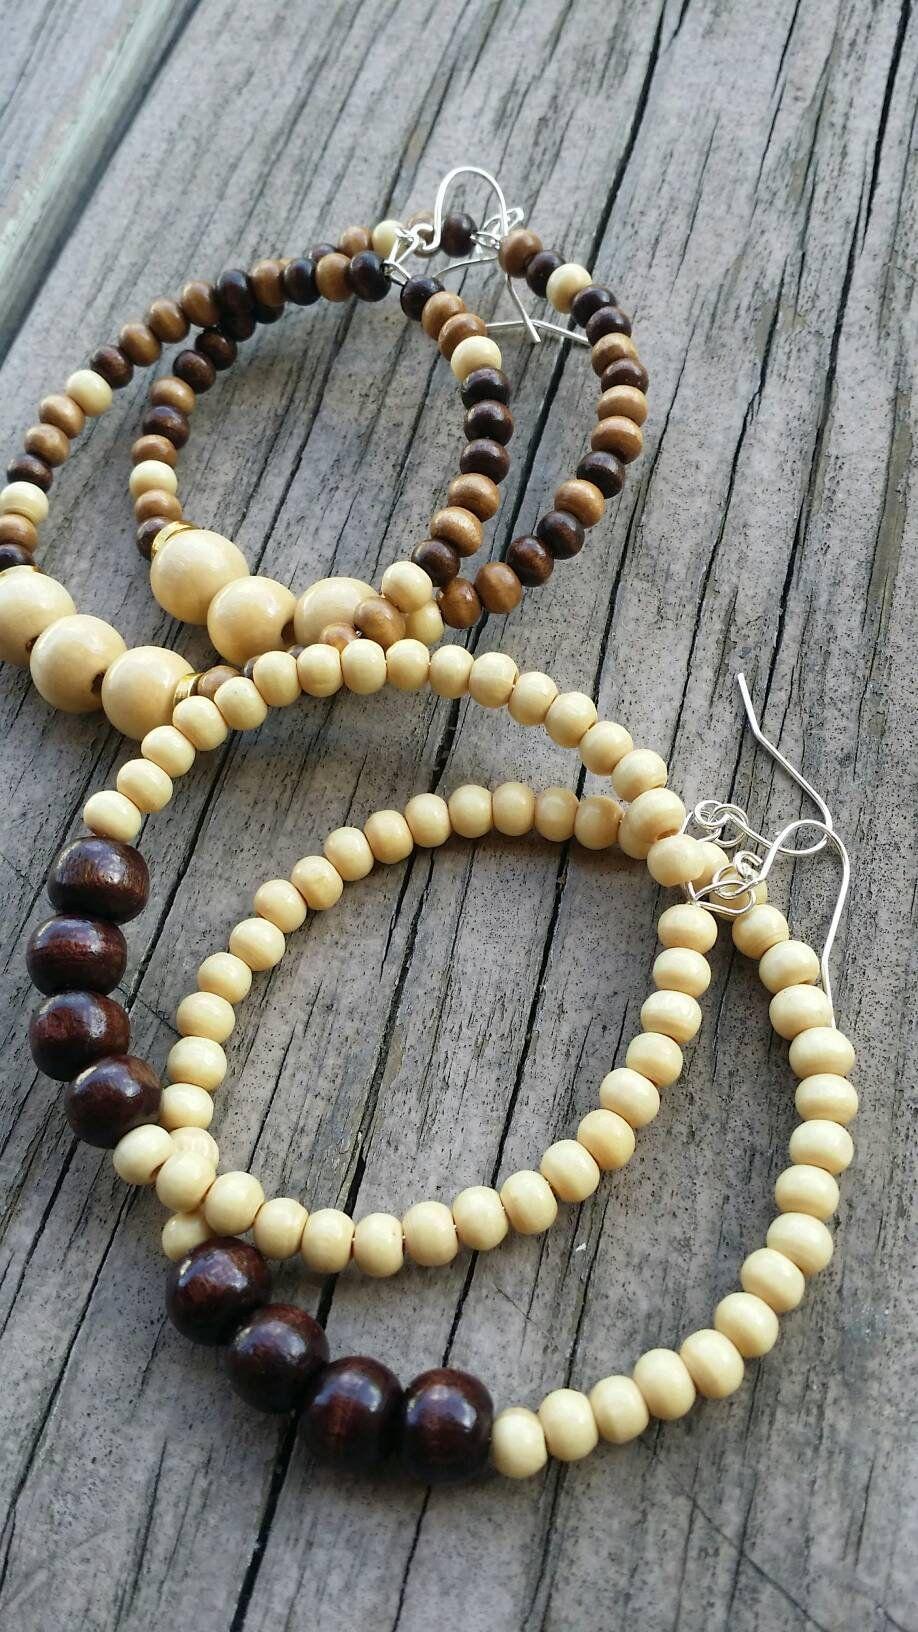 African hoop earrings large wooden bead earrings large